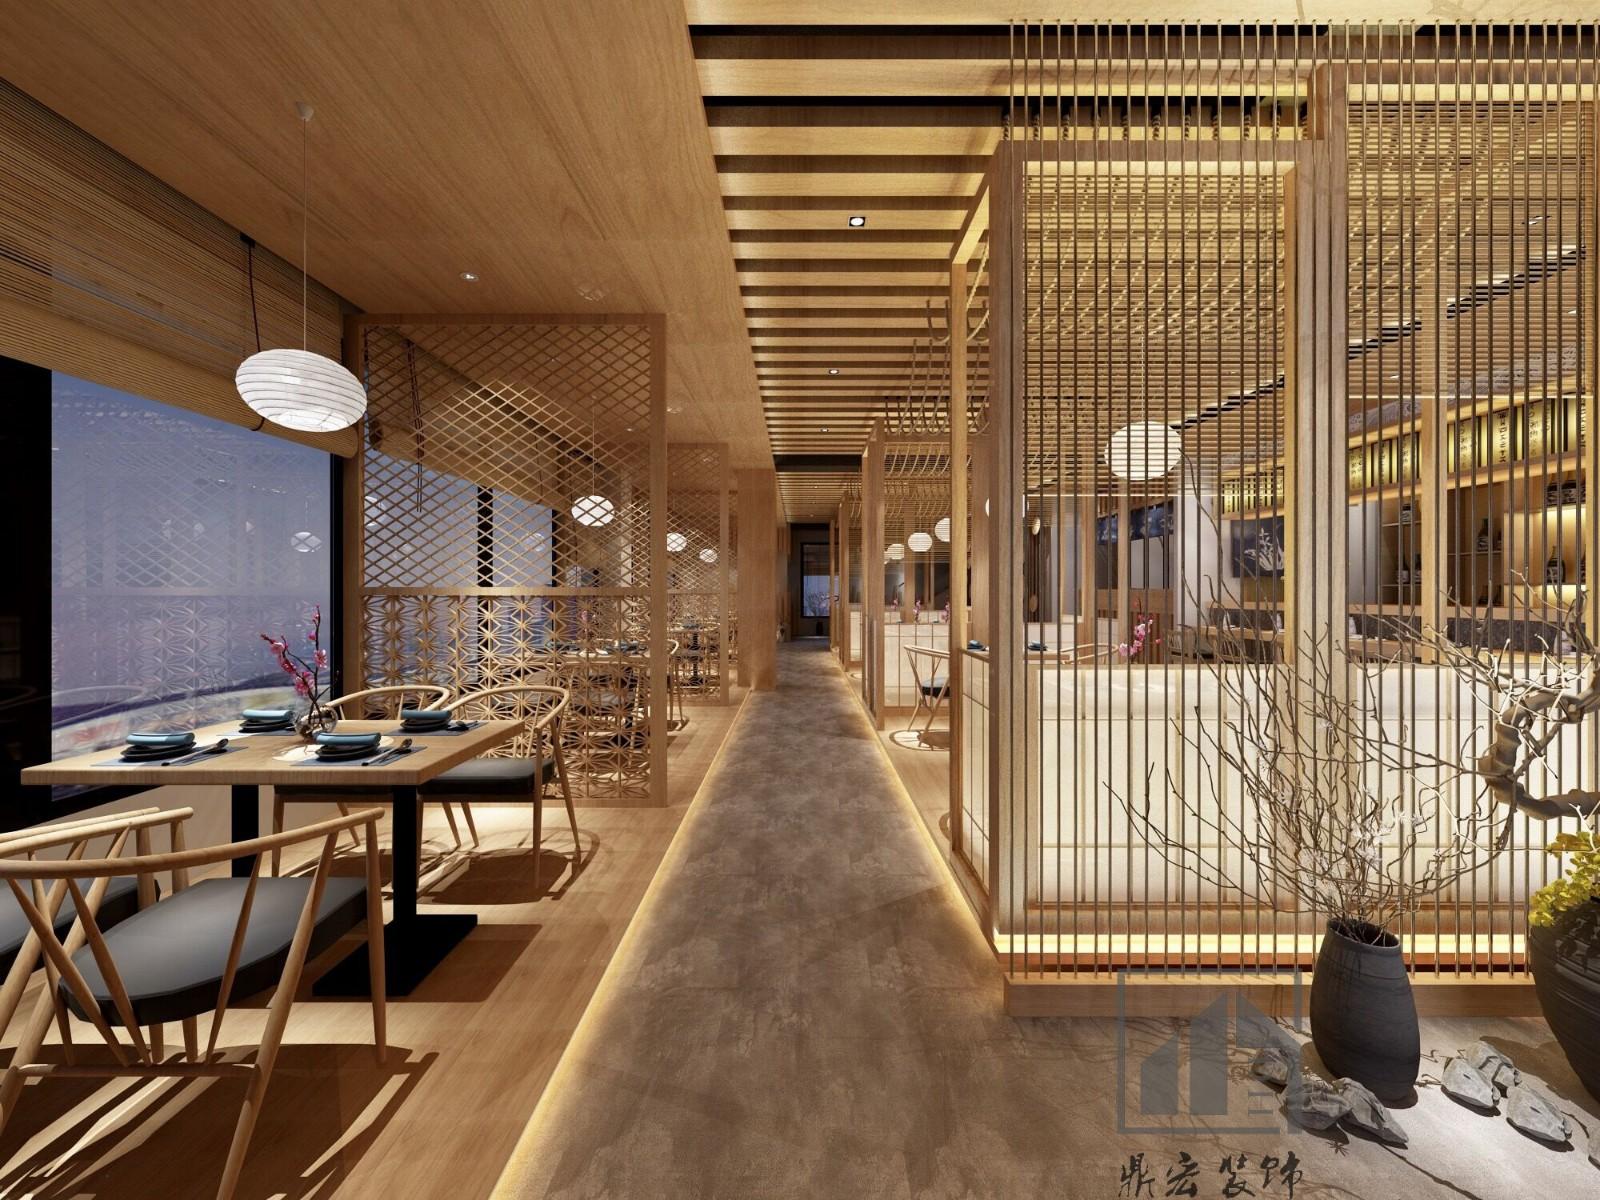 鼎宏装饰 日式餐饮空间店铺